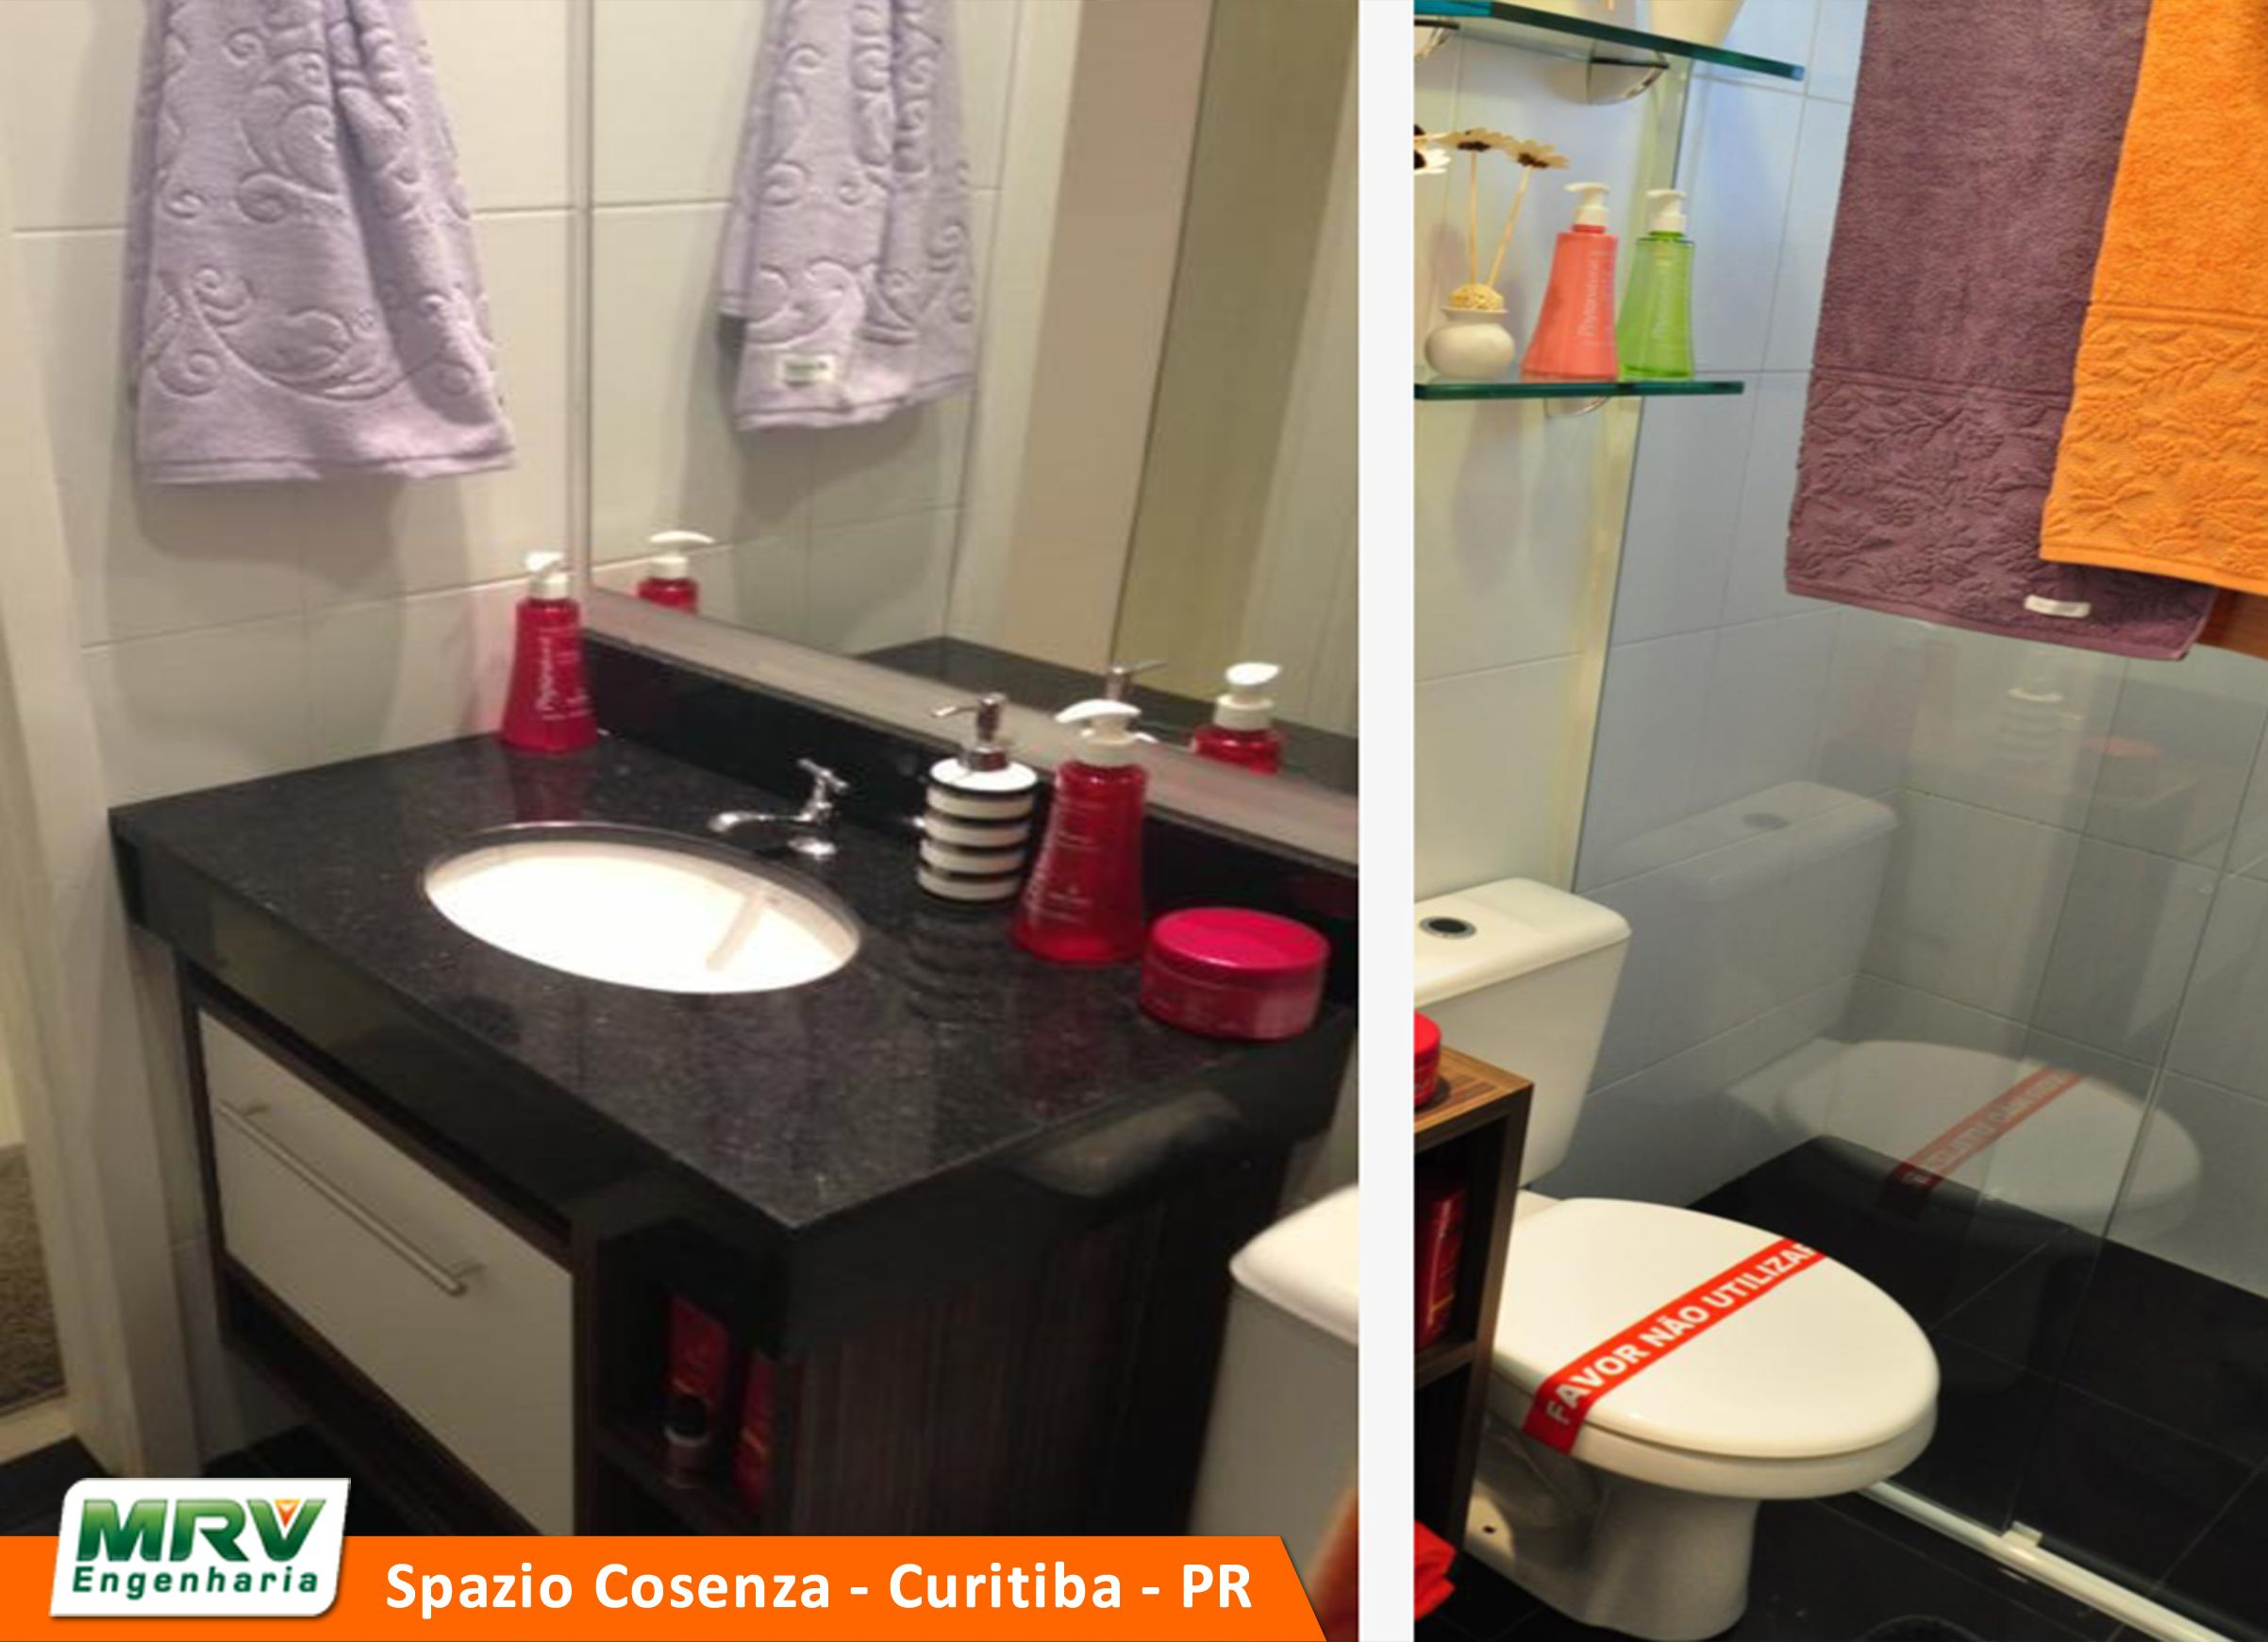 Apartamento Decorado do Spazio Cosenza, no bairro Pinheirinho Curitiba PR MRV Engenharia